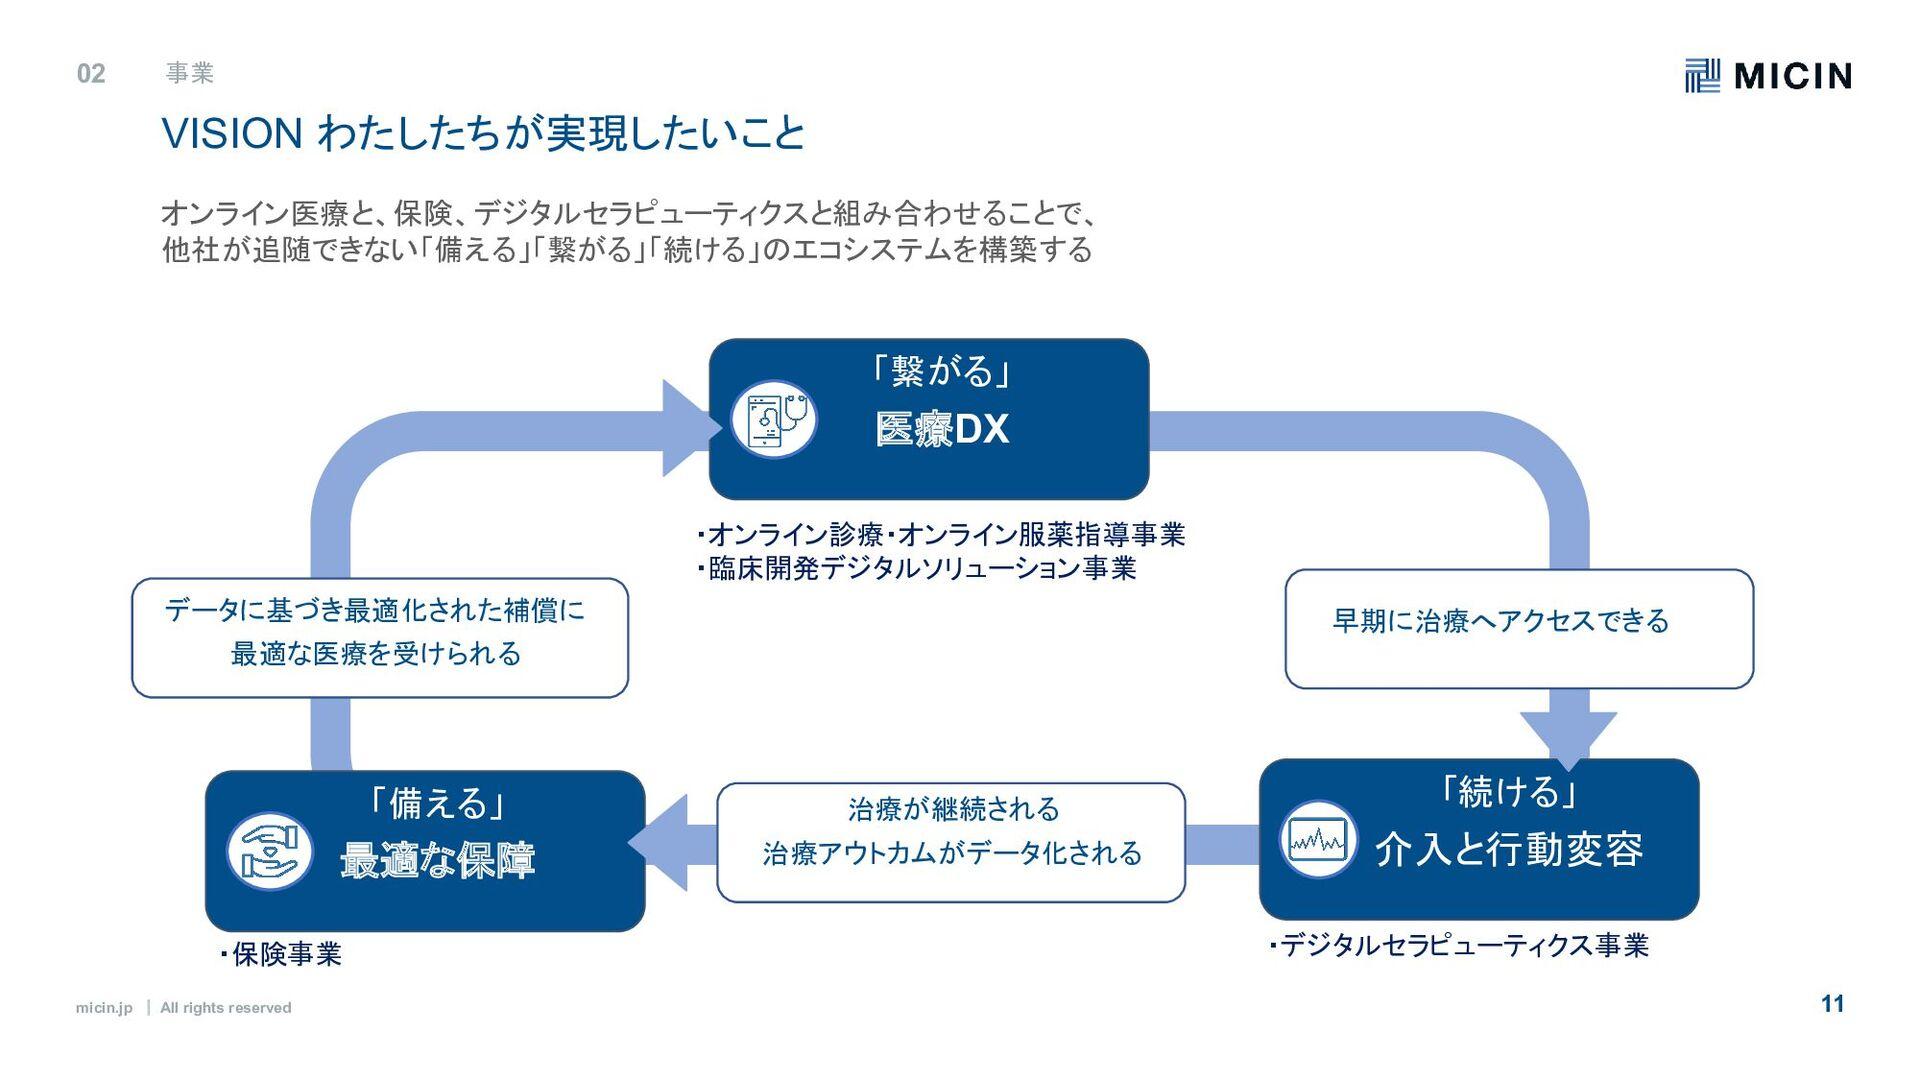 micin.jp ʛ All rights reserved 11 02 ۀ B U S I...